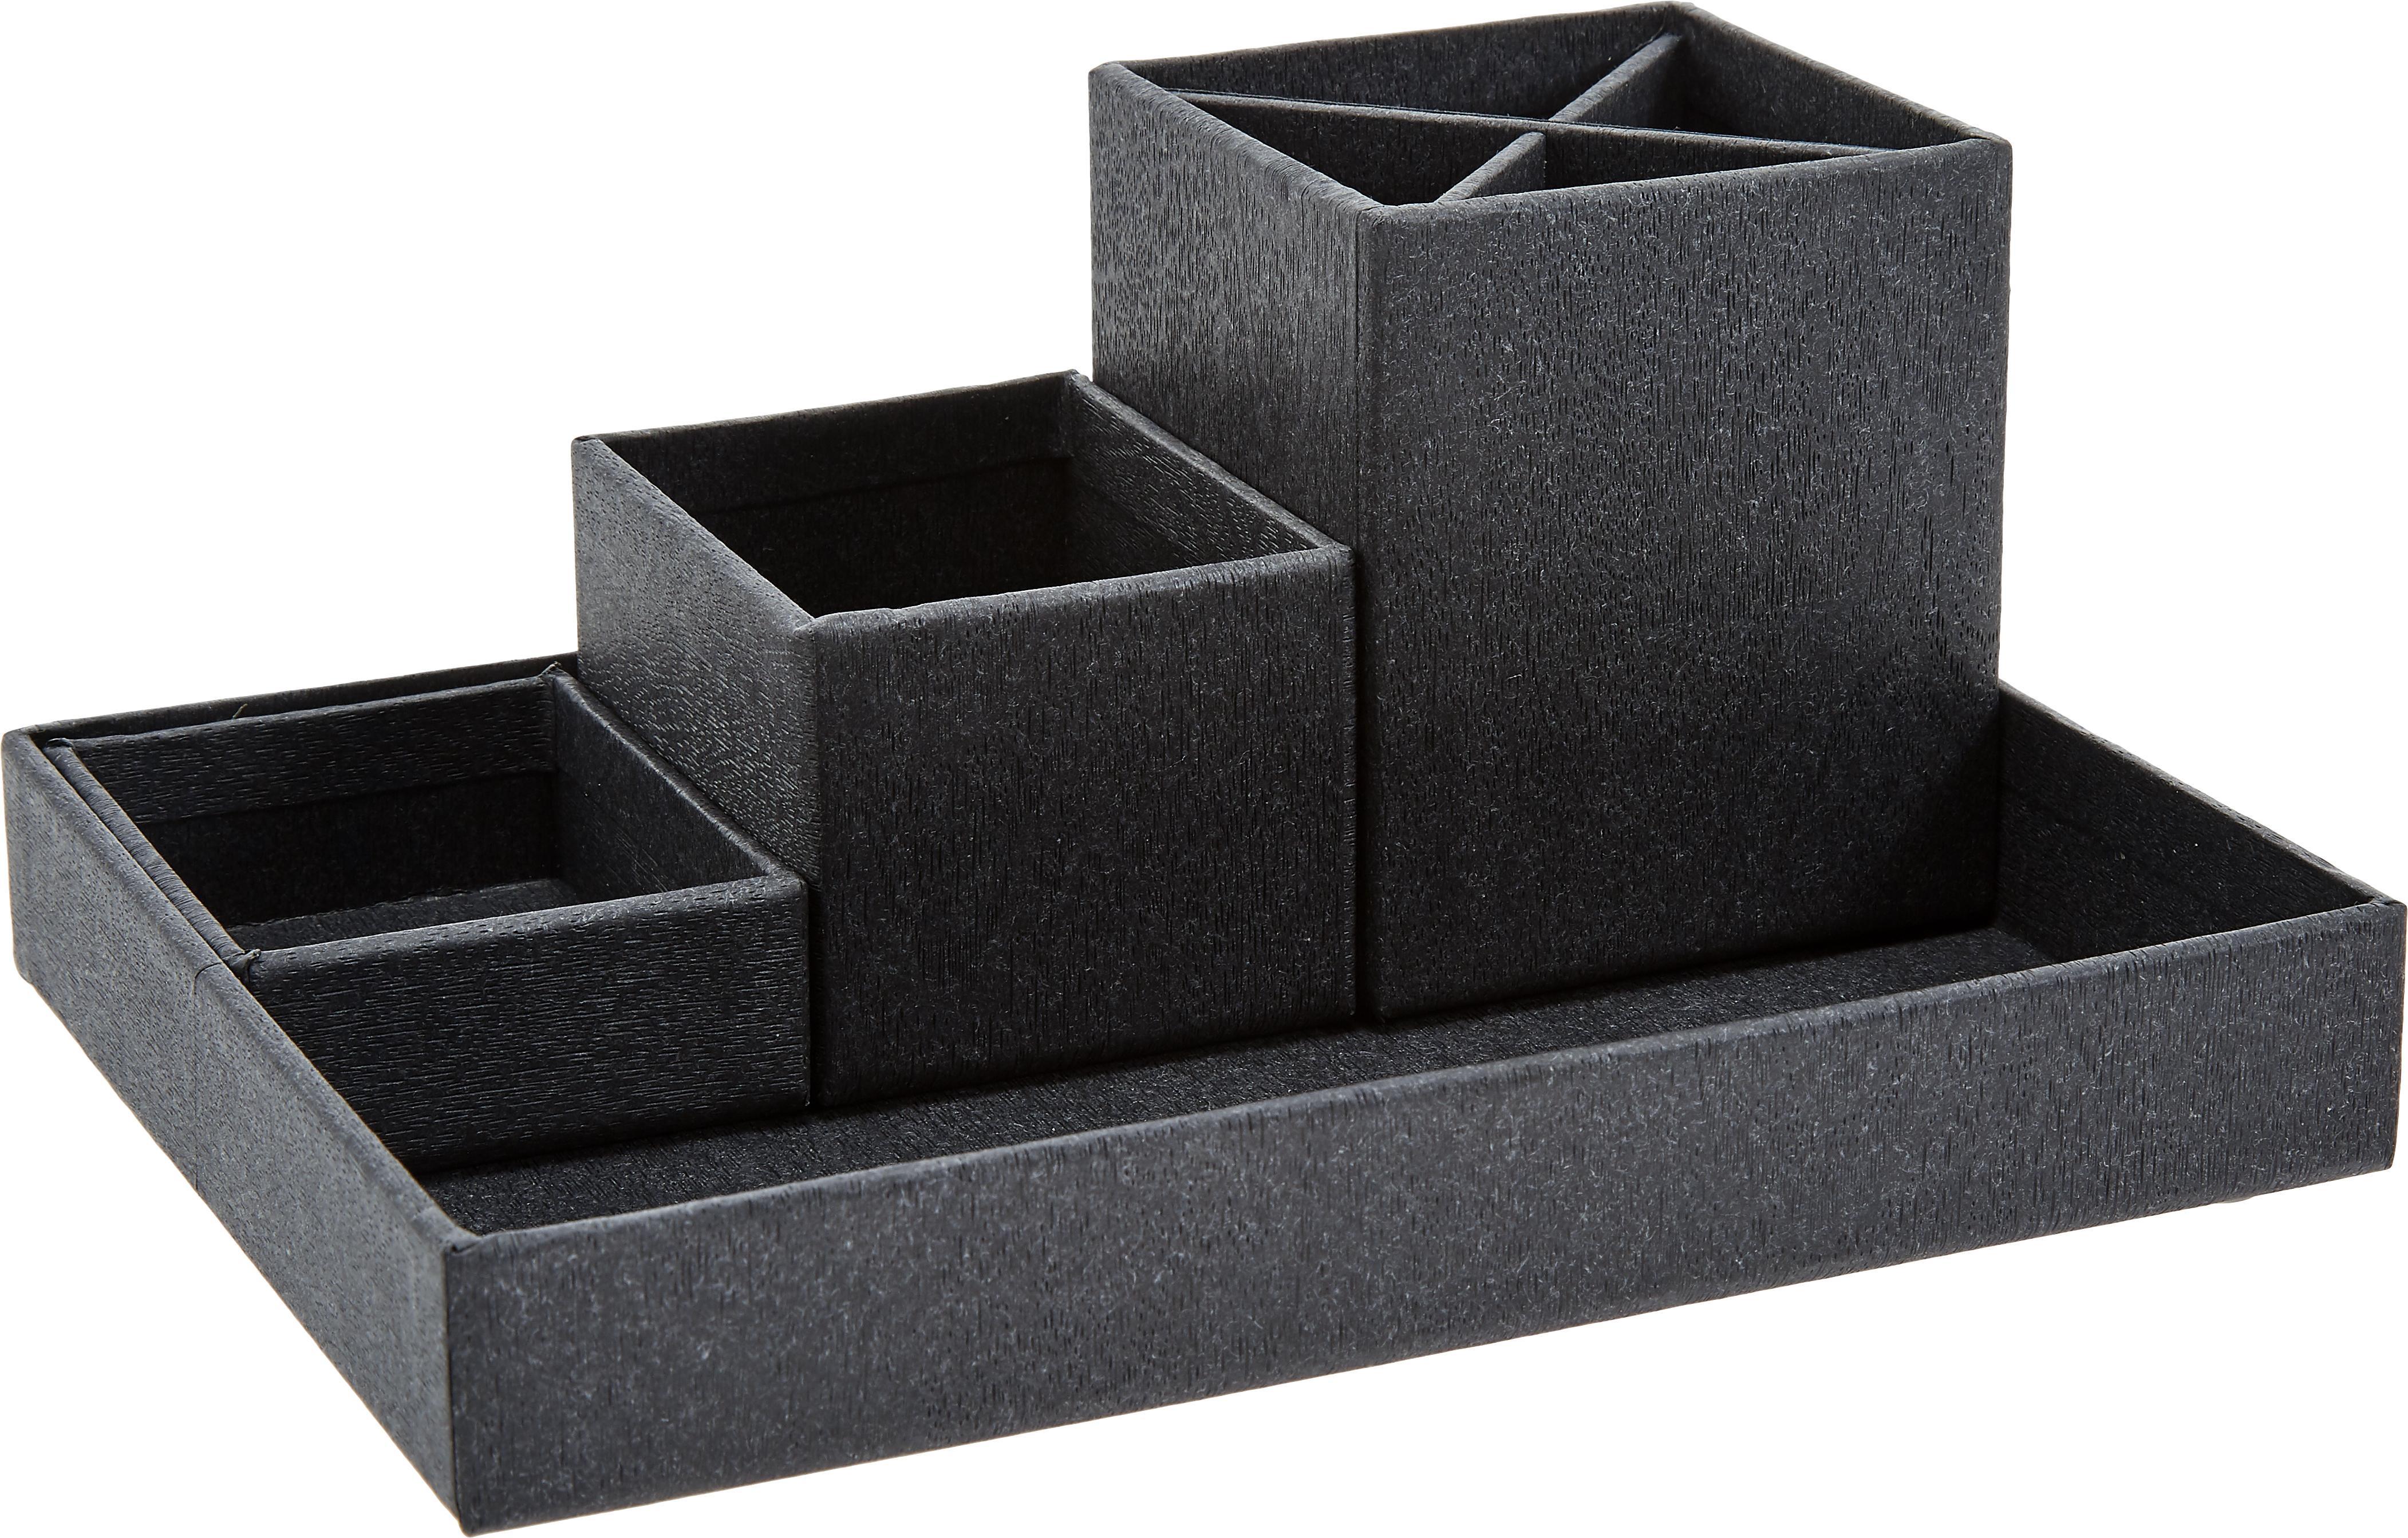 Komplet organizerów biurowych, 4 elem., Trwała tektura z nadrukiem drewna naturalnego, Czarny, Różne rozmiary